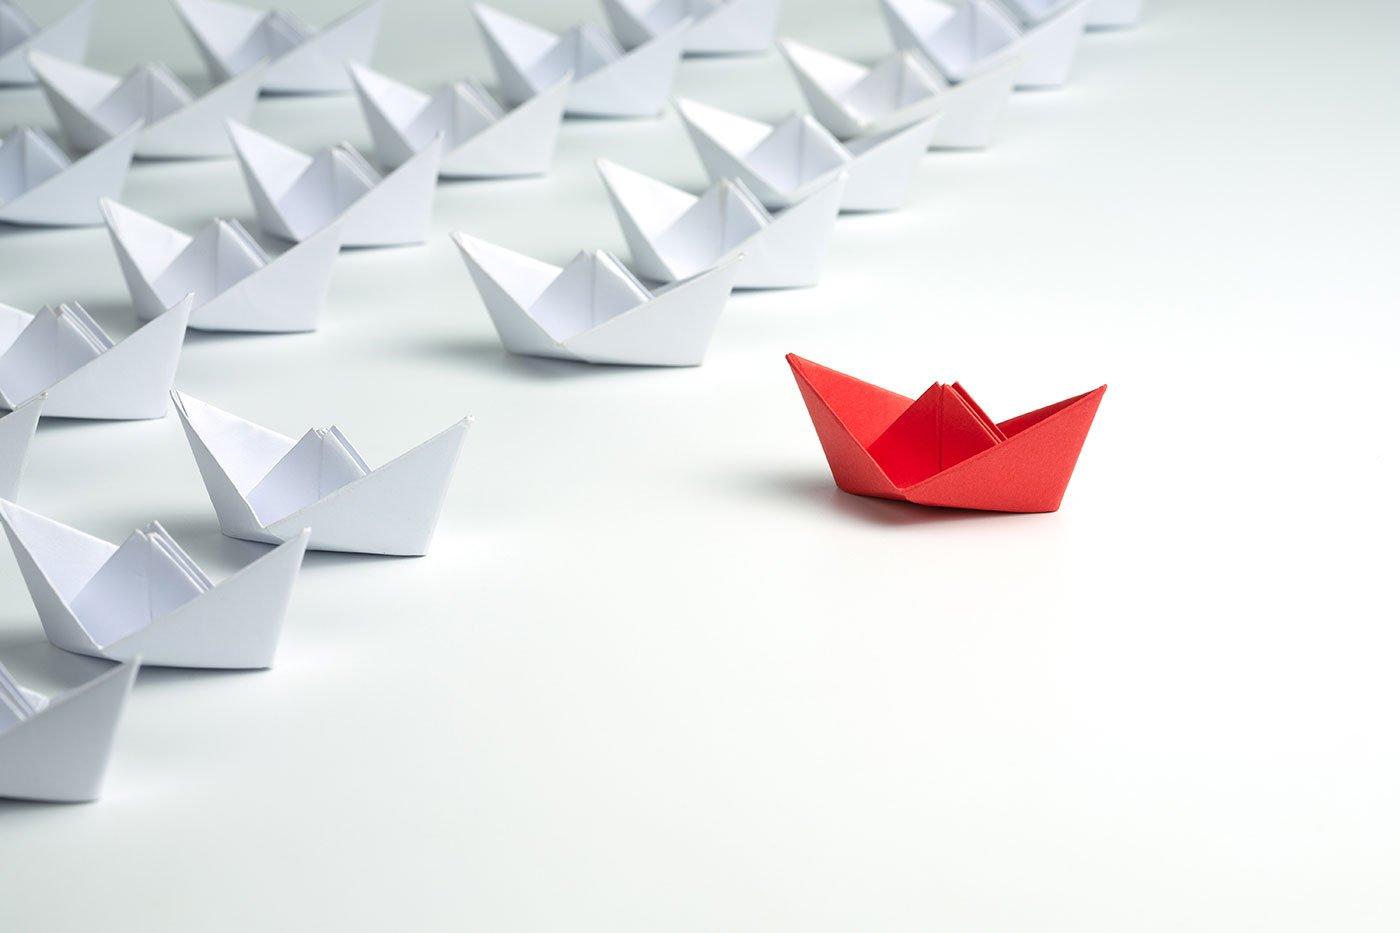 Sisältömarkkinoinnin kymmenen käskyä | Sisältömarkkinointi, sisältöstrategia